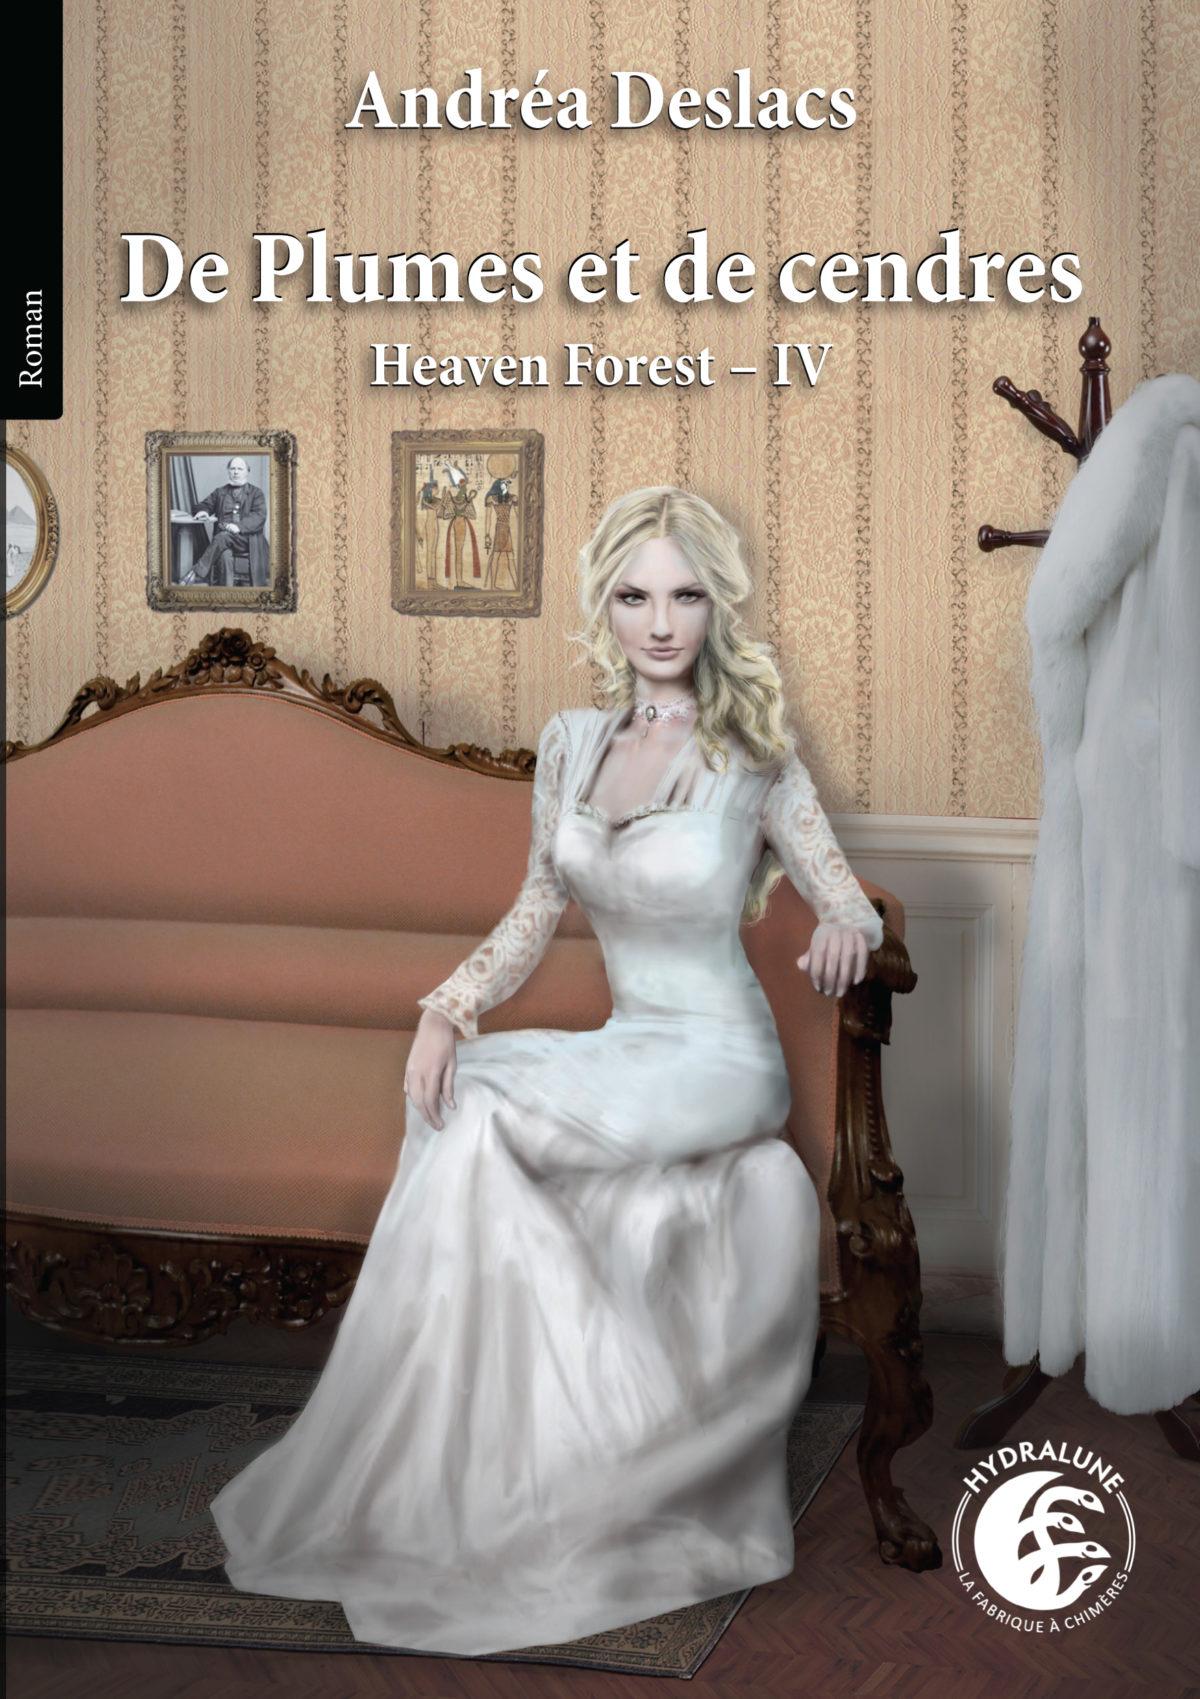 Sortie de De plumes et de cendres, d'Andréa Deslacs